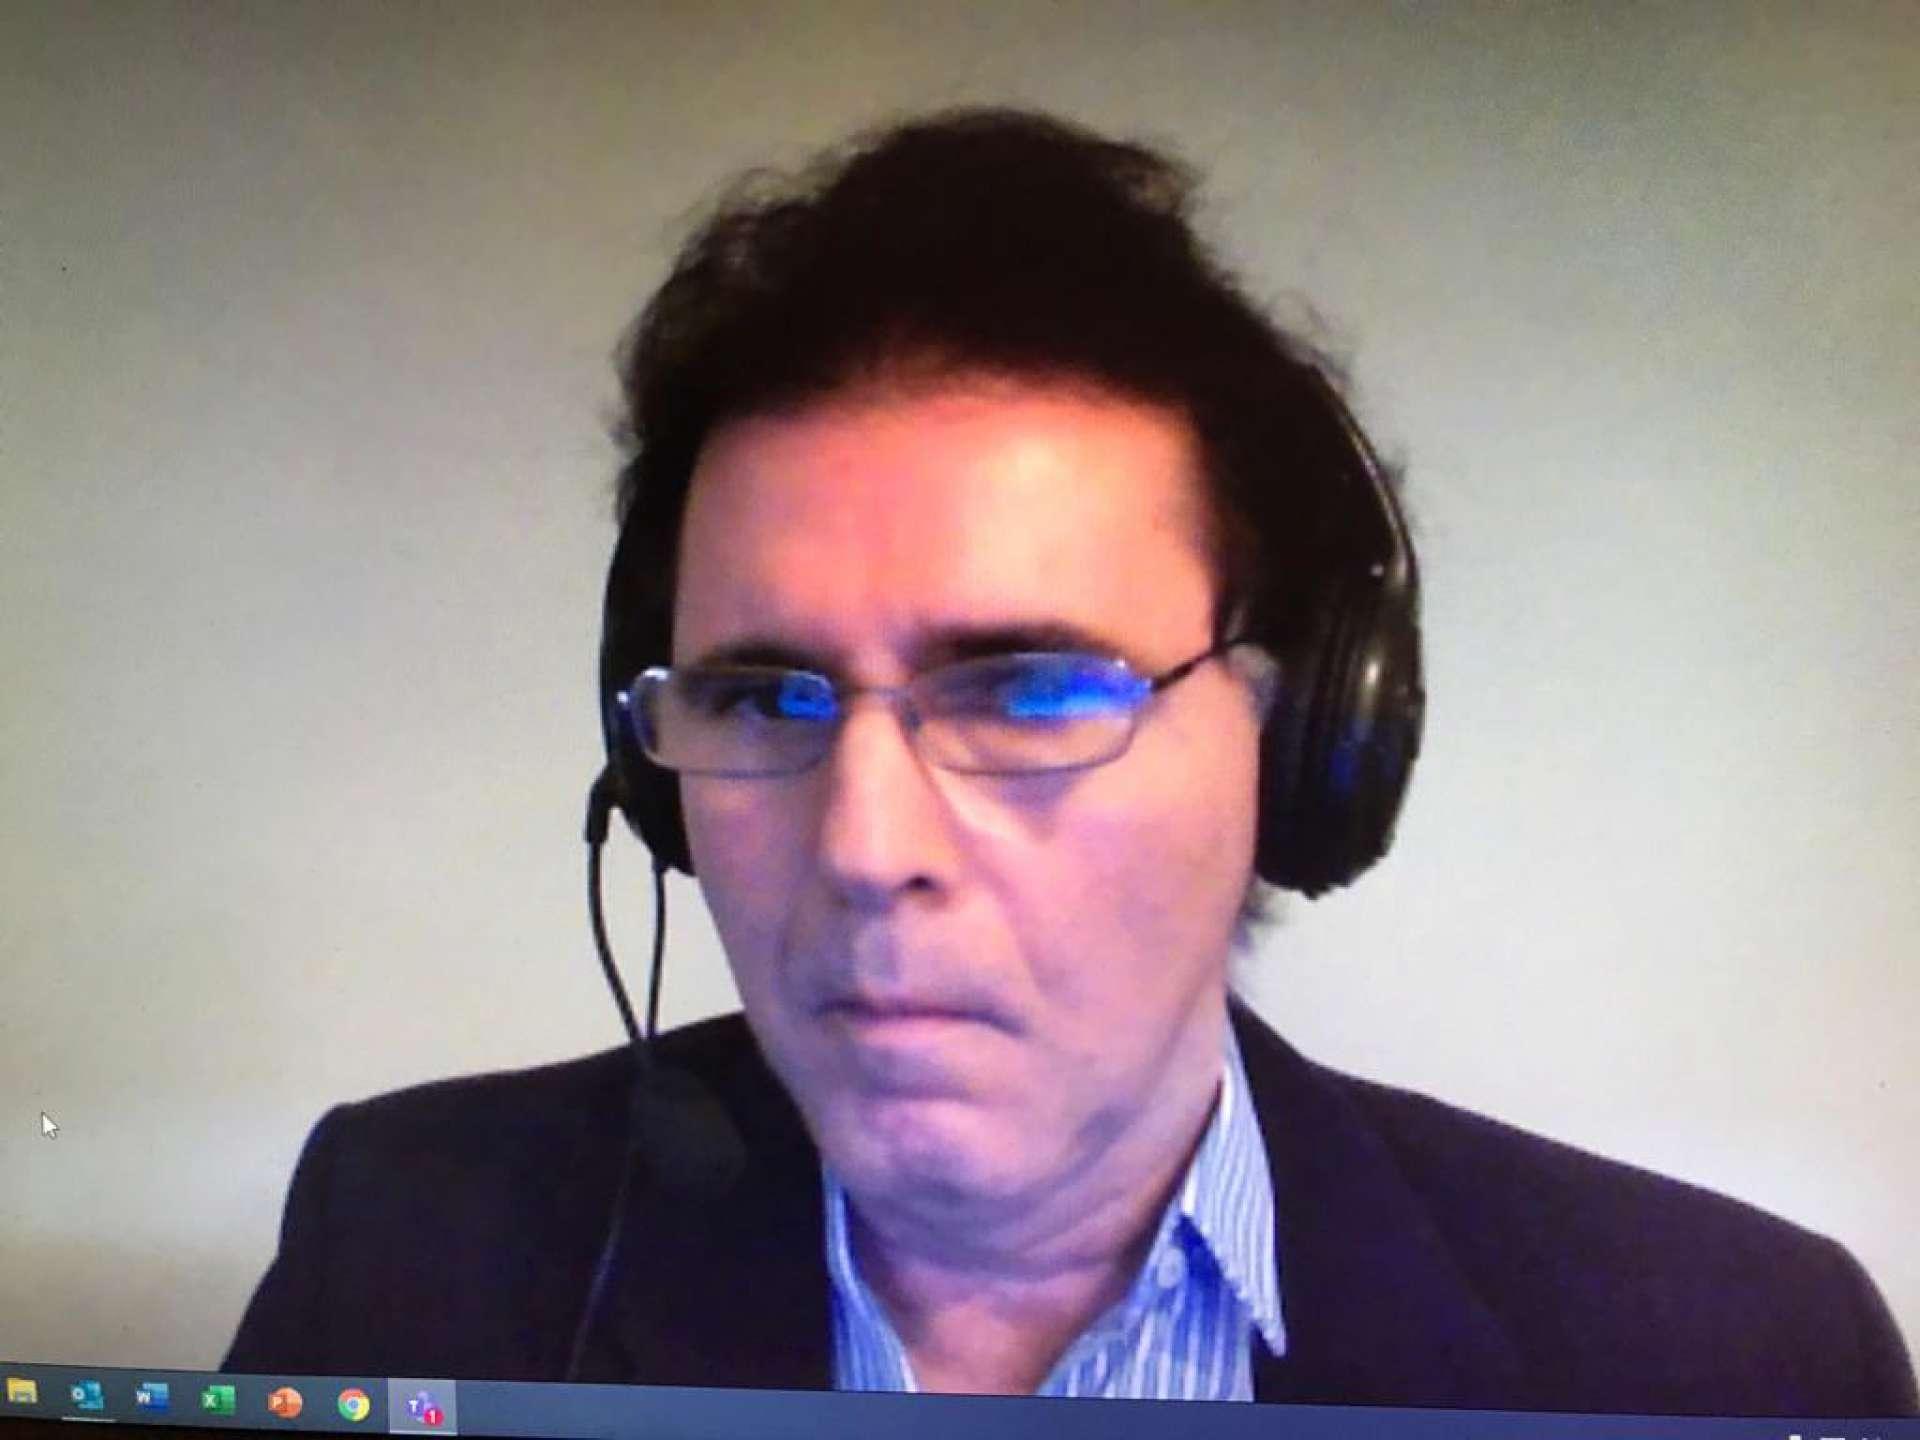 Subprocurador-geral do Ministério Público junto ao Tribunal de Contas da União (TCU), o cearense Lucas Rocha Furtado , em sessão telepresencial no TCU